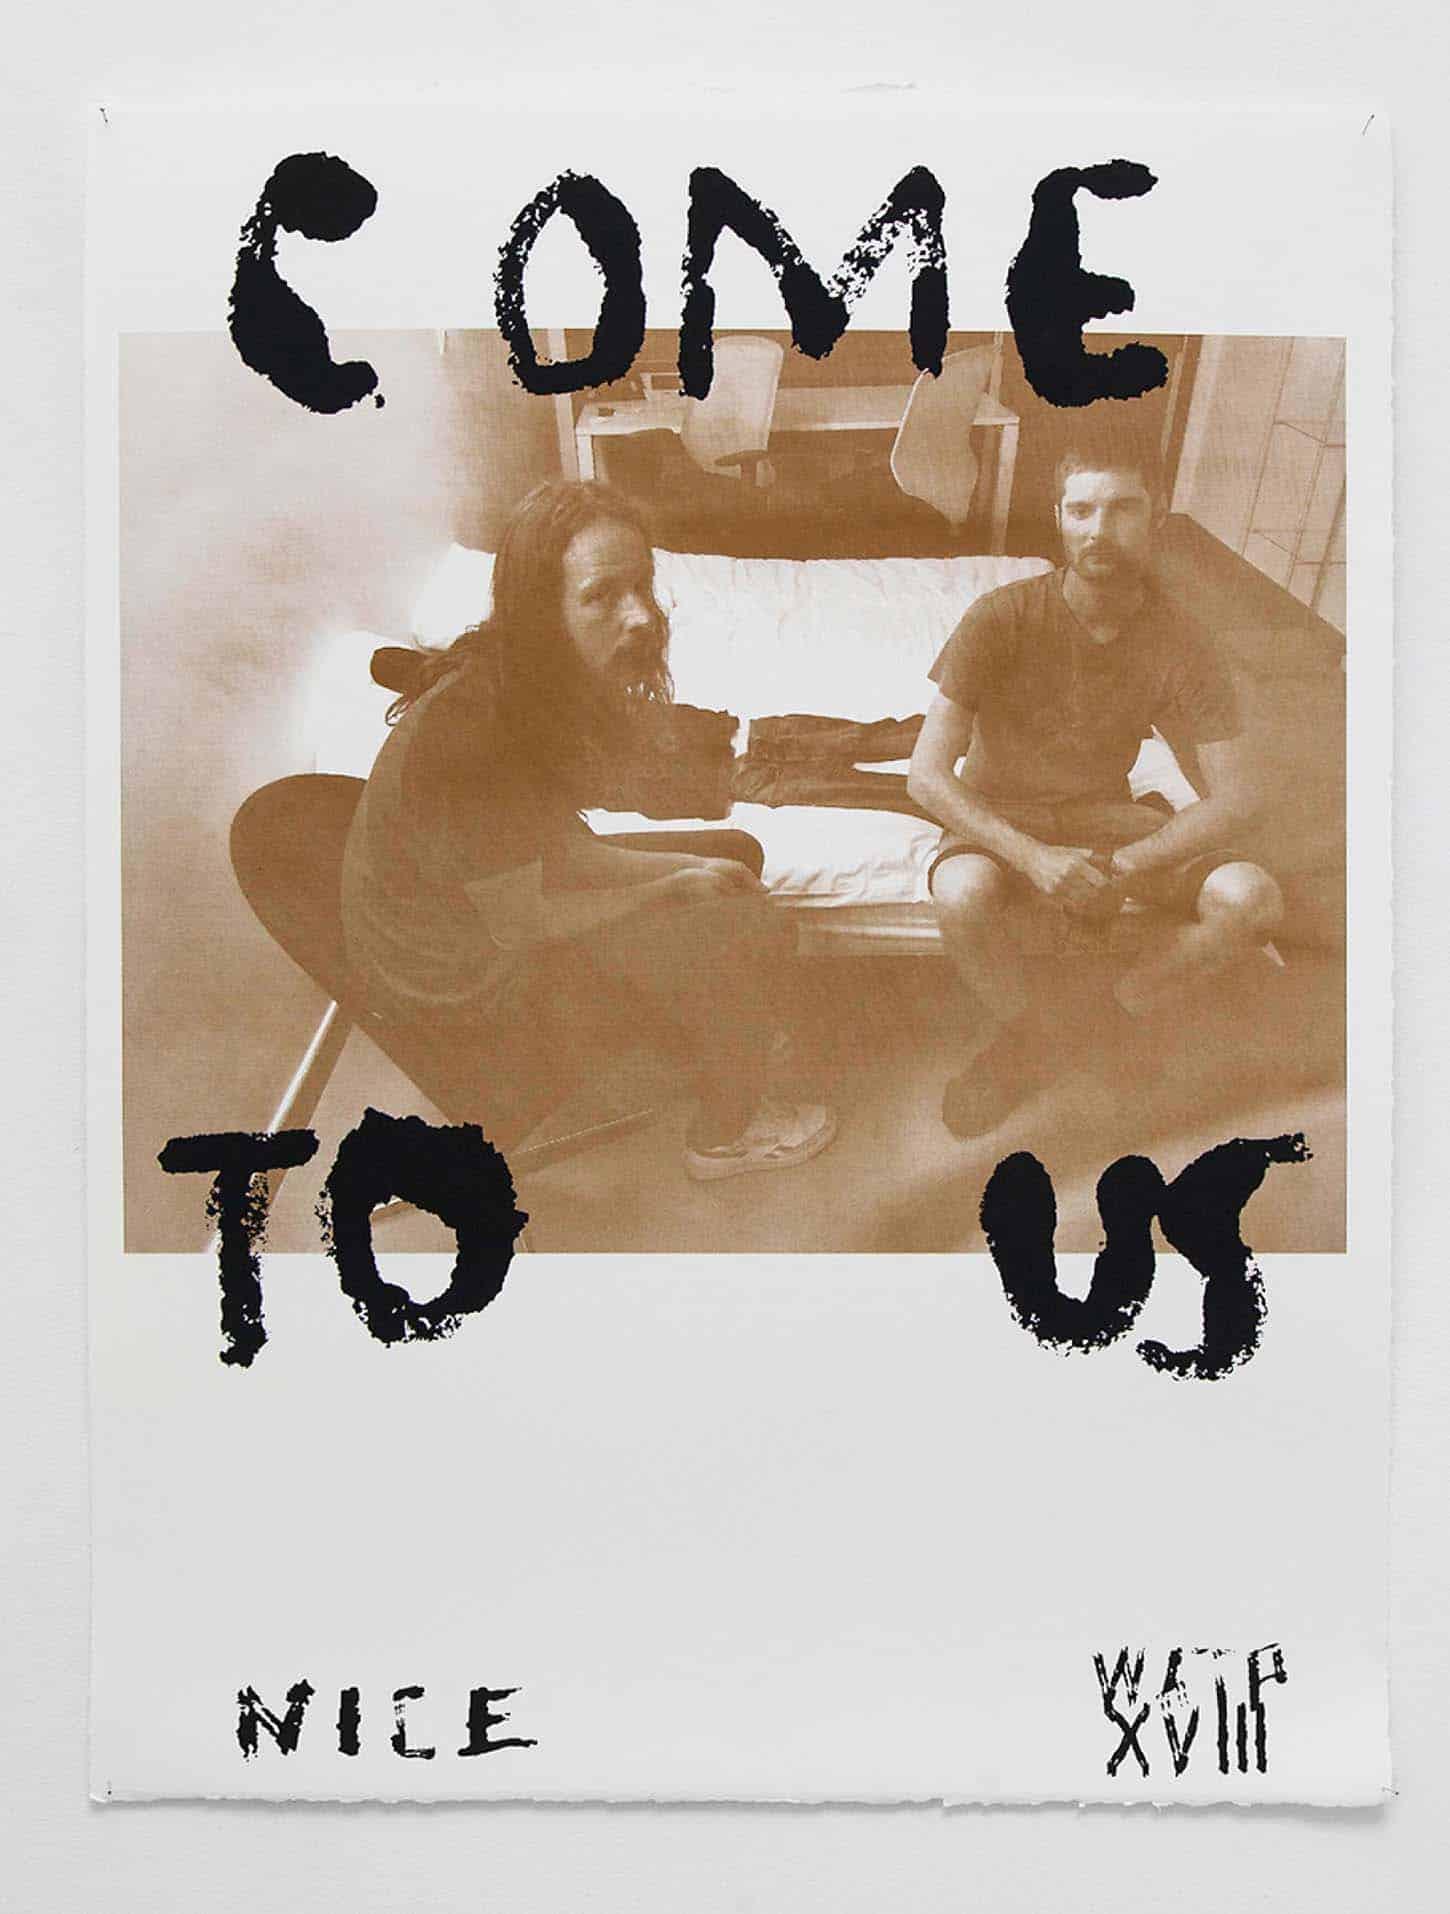 We are the painters, Sérigraphie, Come To Us, 50 exemplaires, 50x60€, 100€, 2018Plus d'infos sur : wearethepaintersanice.com